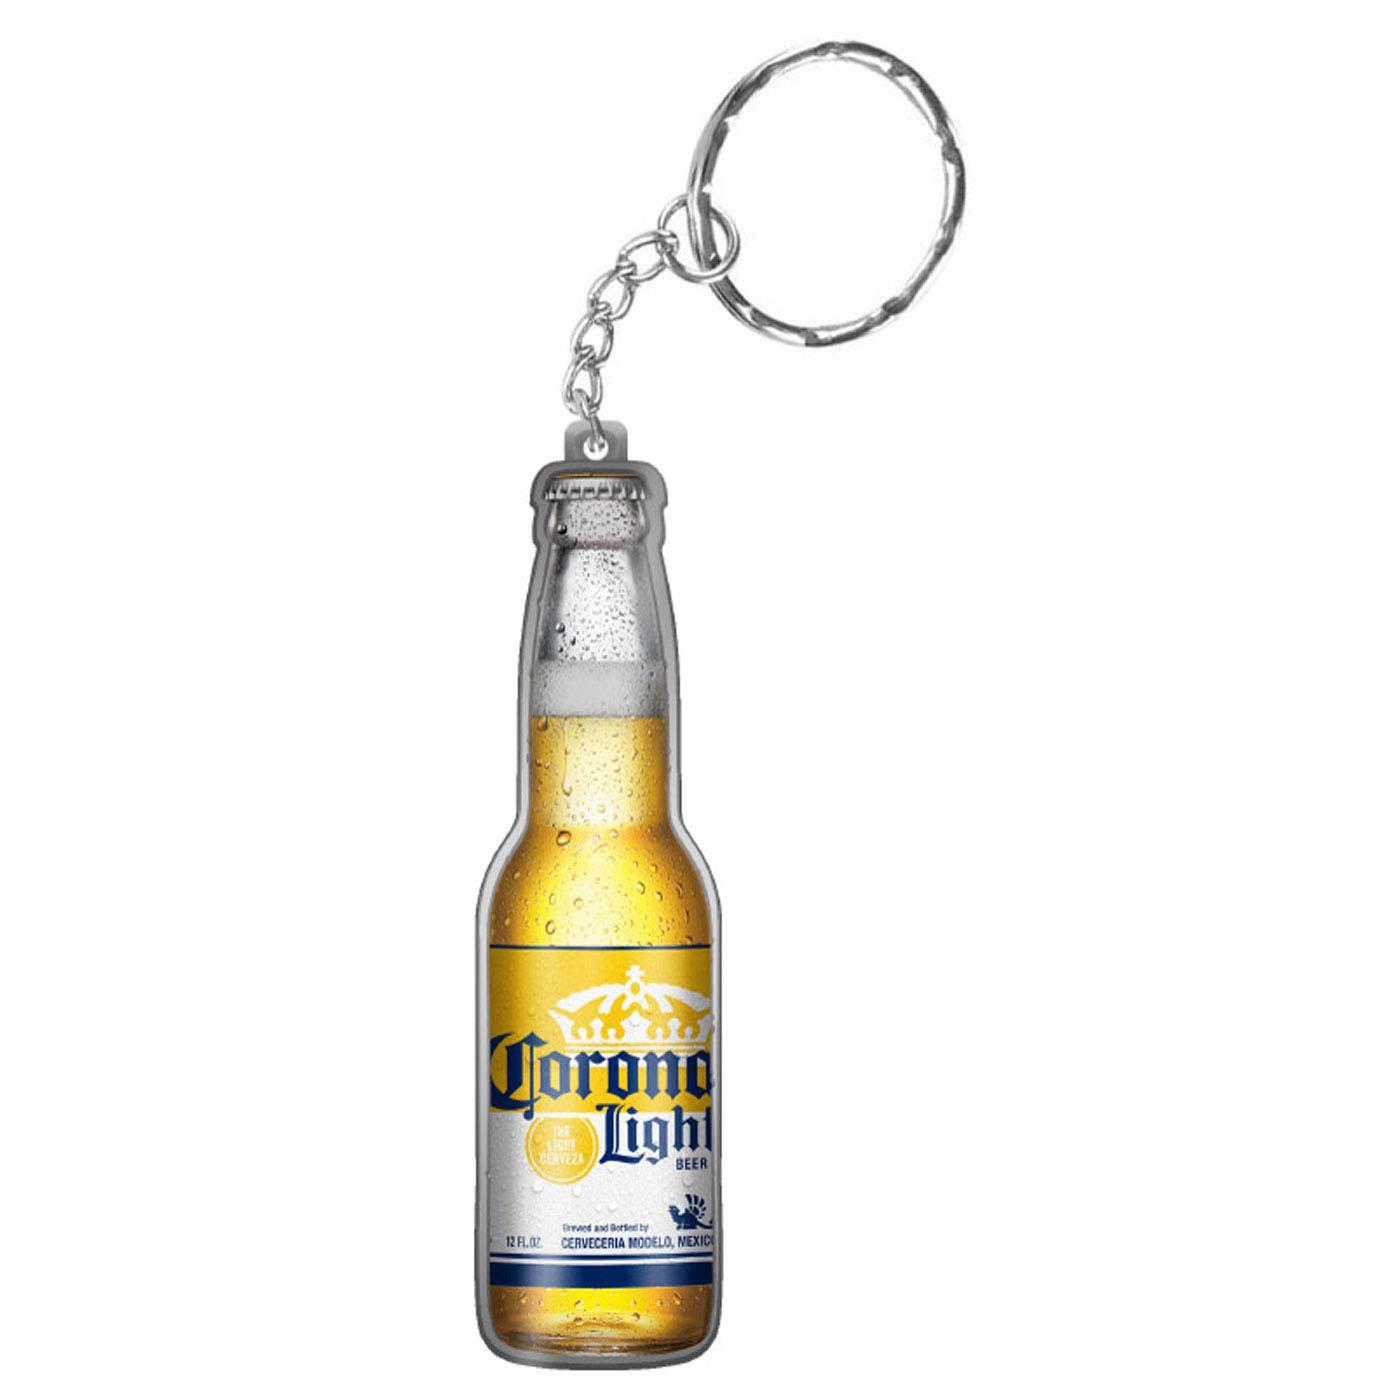 Corona Light Beer Bottle Keychain Opener